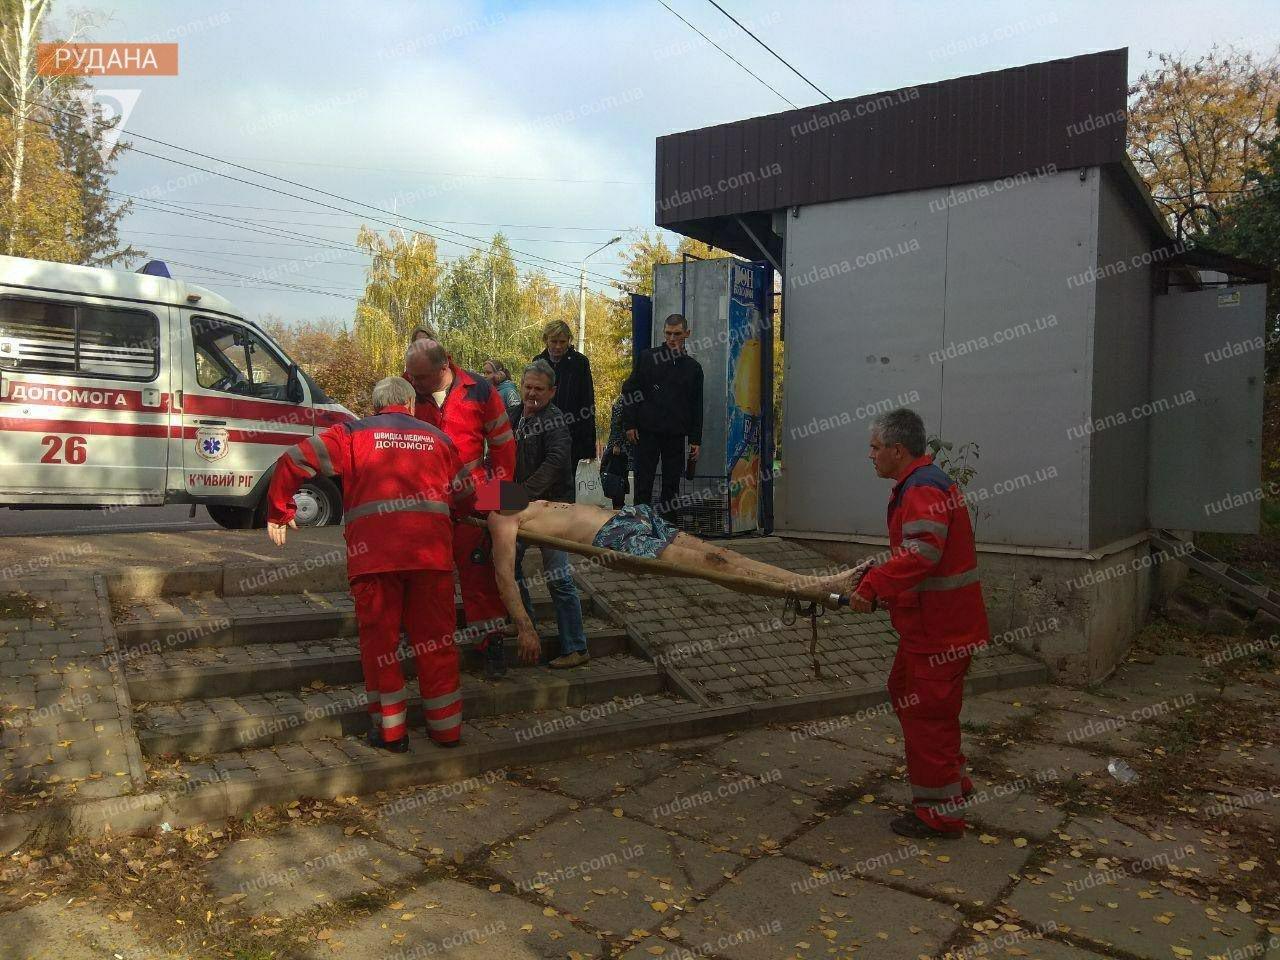 В Кривом Роге обнаженный мужчина выпал из окна, - ФОТО 18+, фото-1